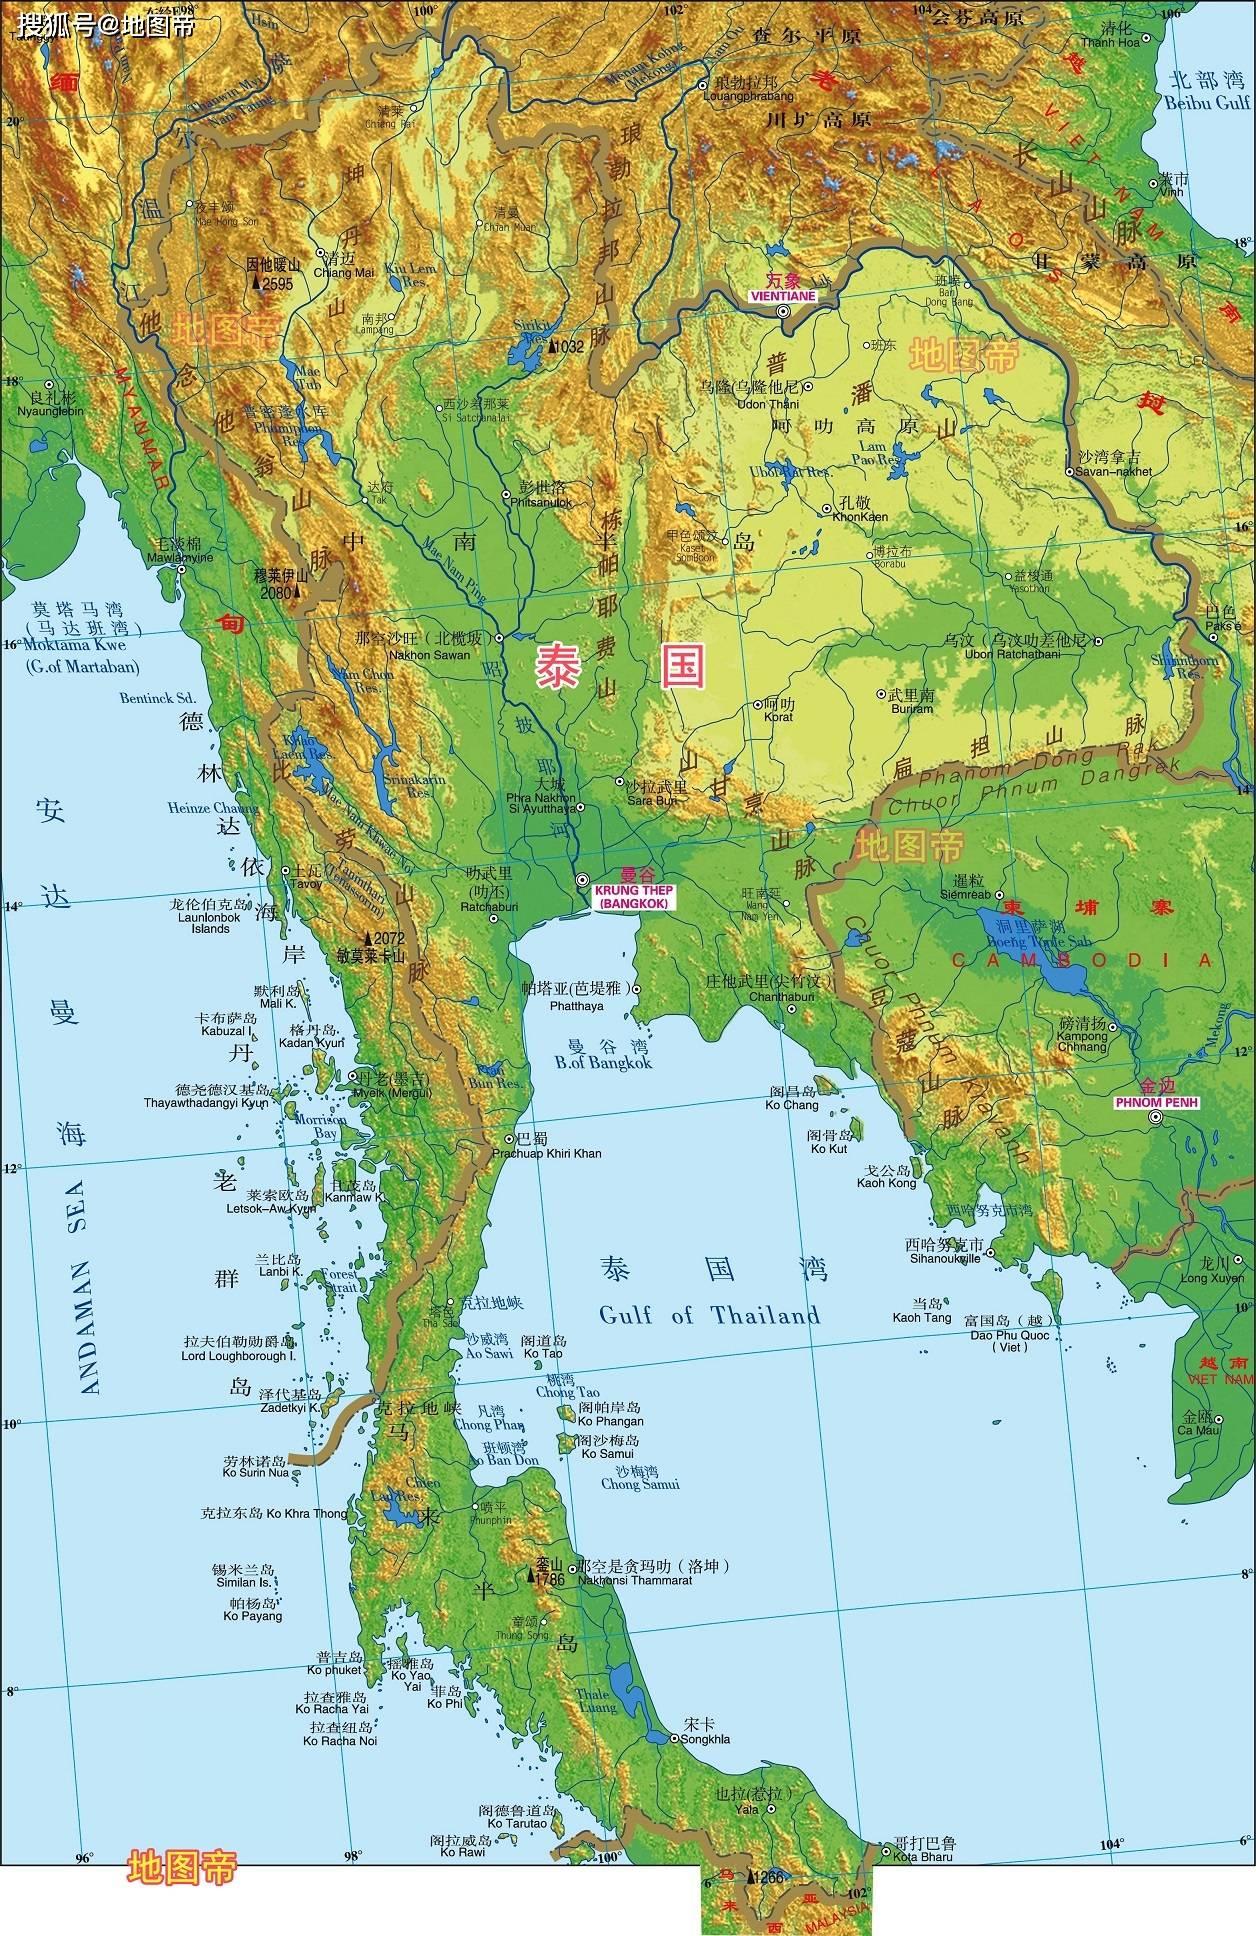 中南半岛有哪7个国家 看地图一目了然 知乎图片